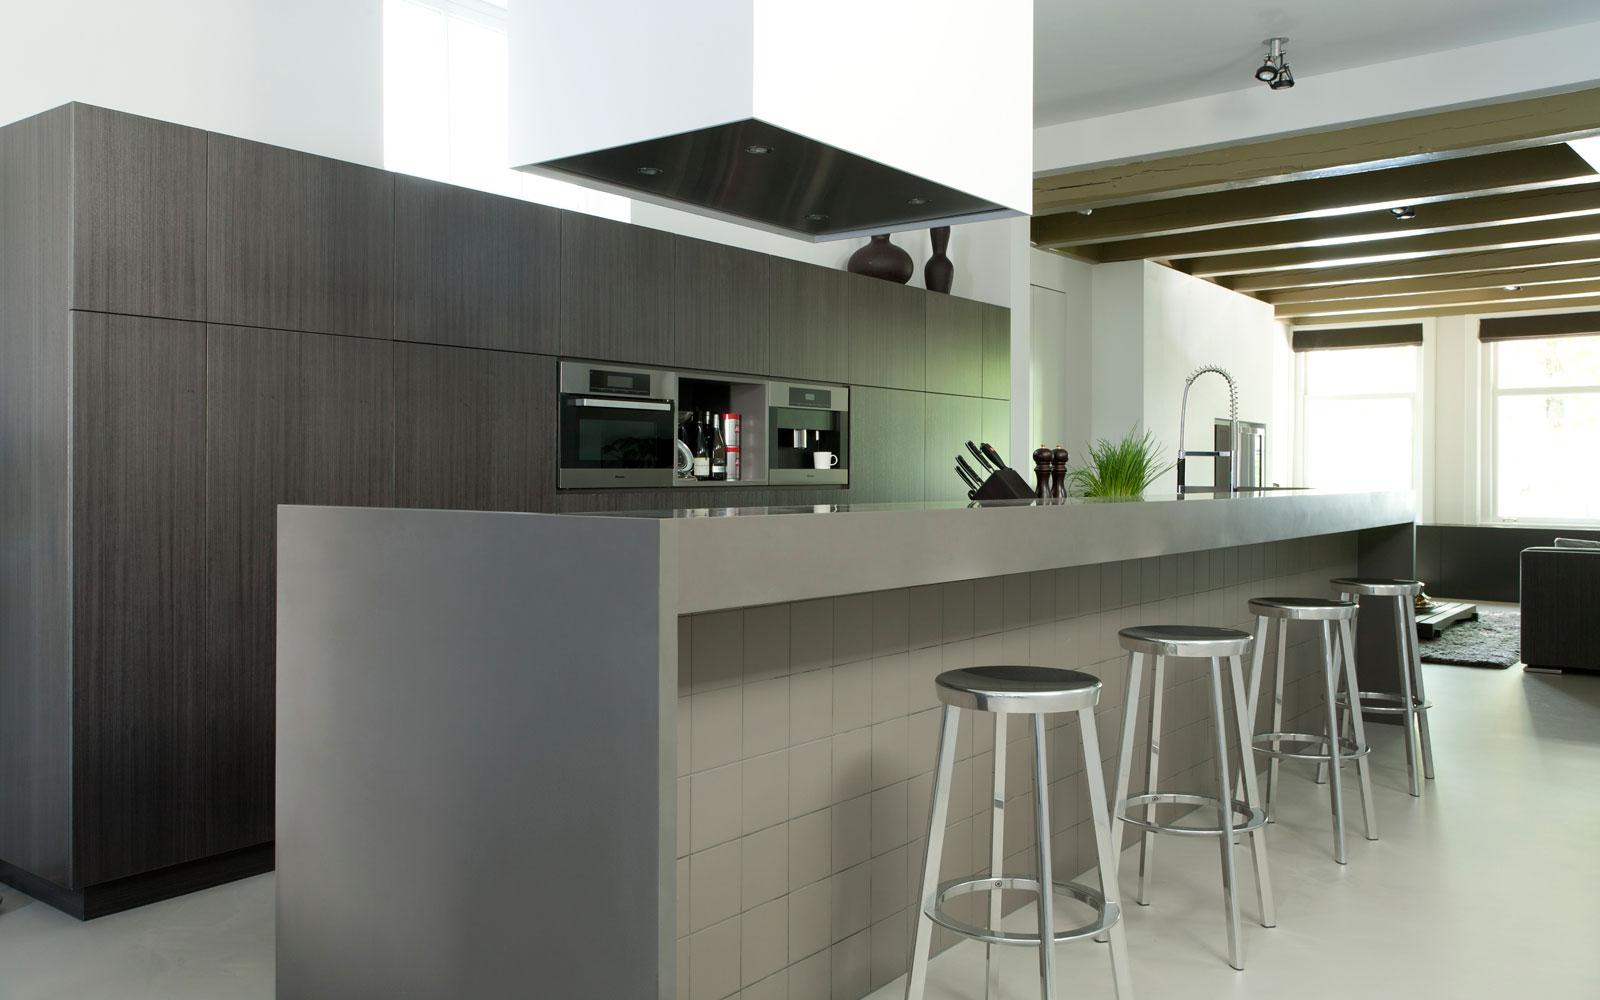 Woon- en werkplaats, keuken, | Remy Meijers